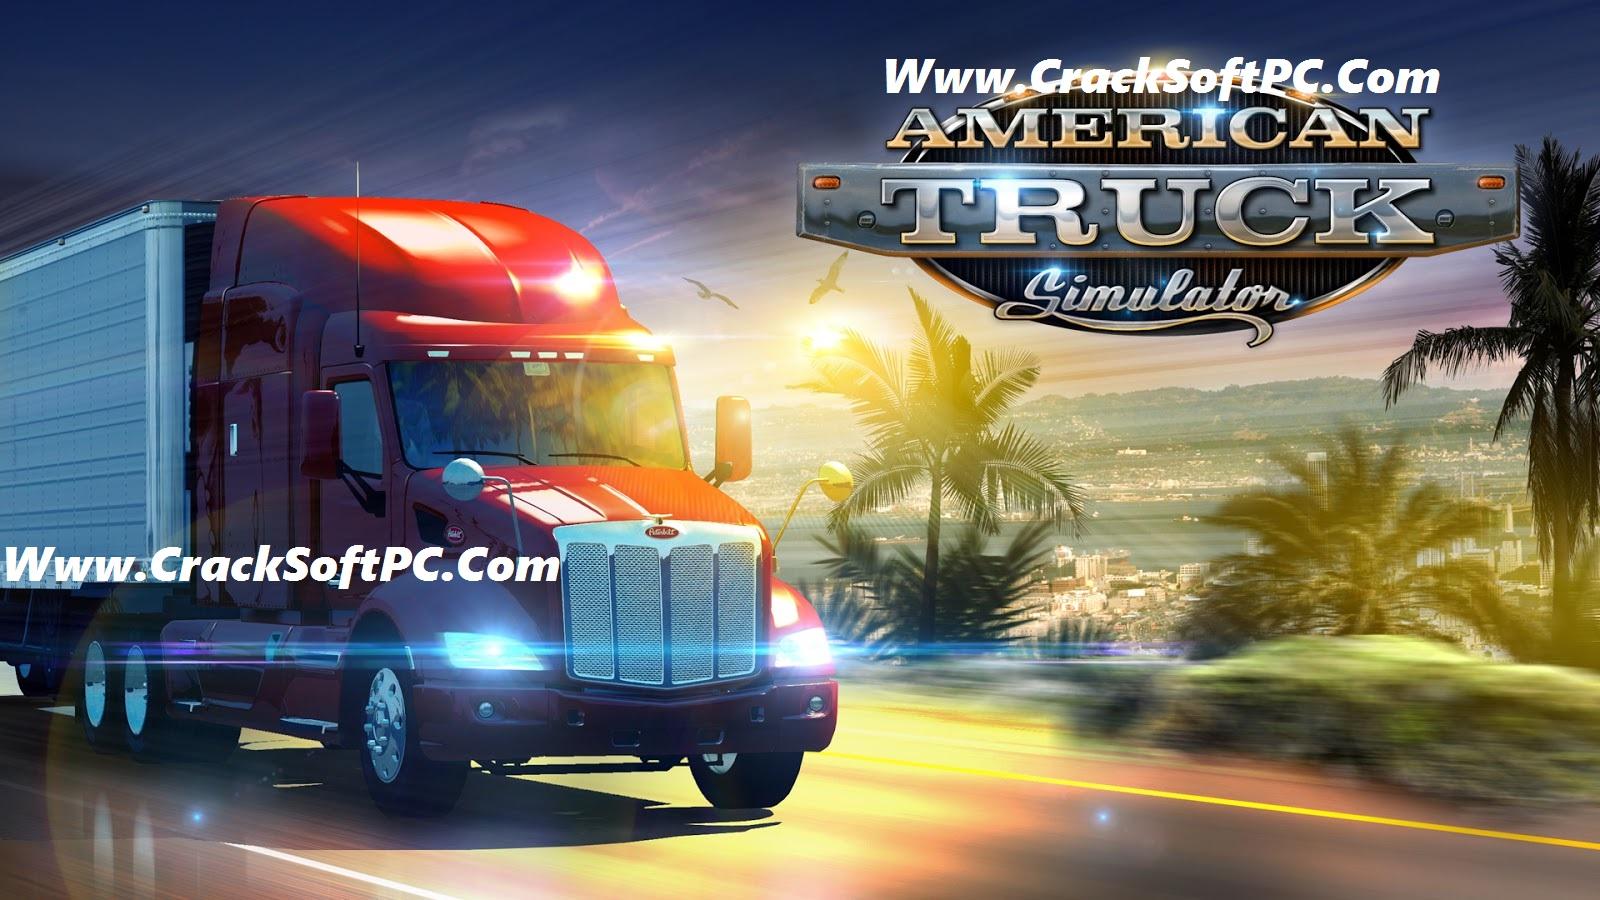 American Truck Simulator Free Download-Cover-CrackSoftPC